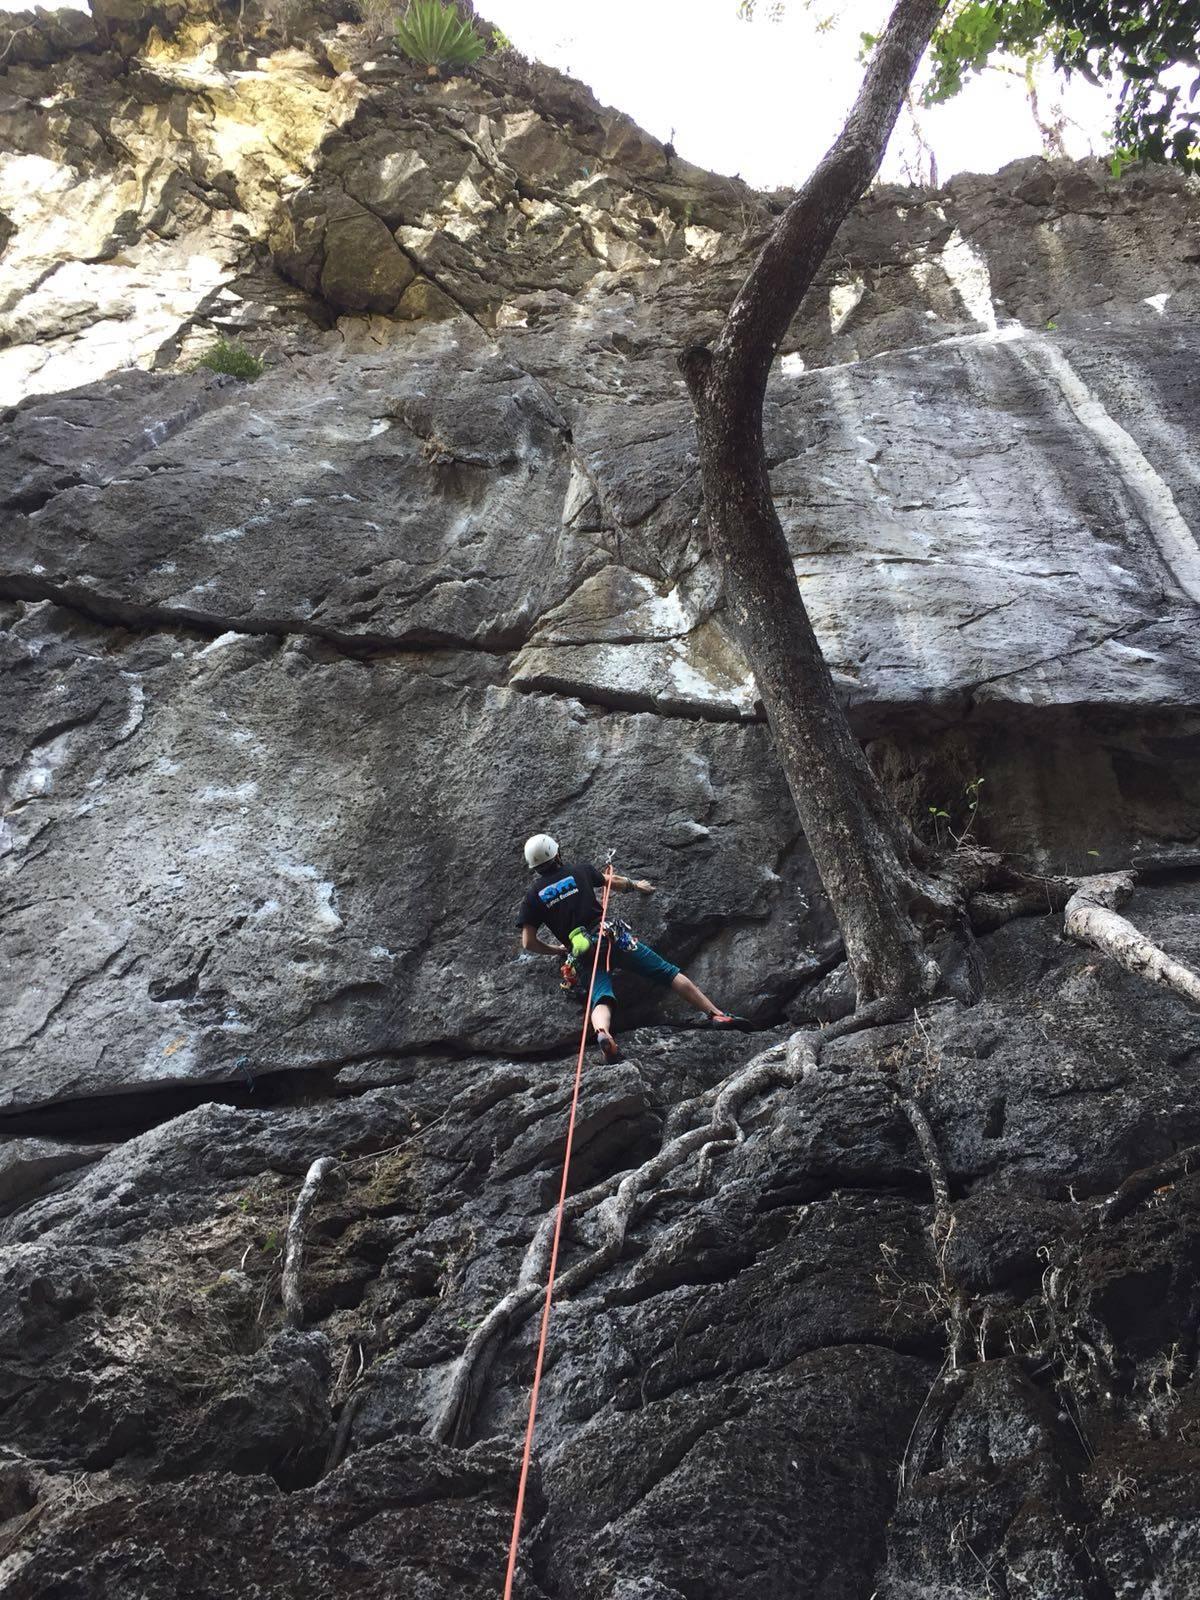 Photo 2: Green Climbers Home